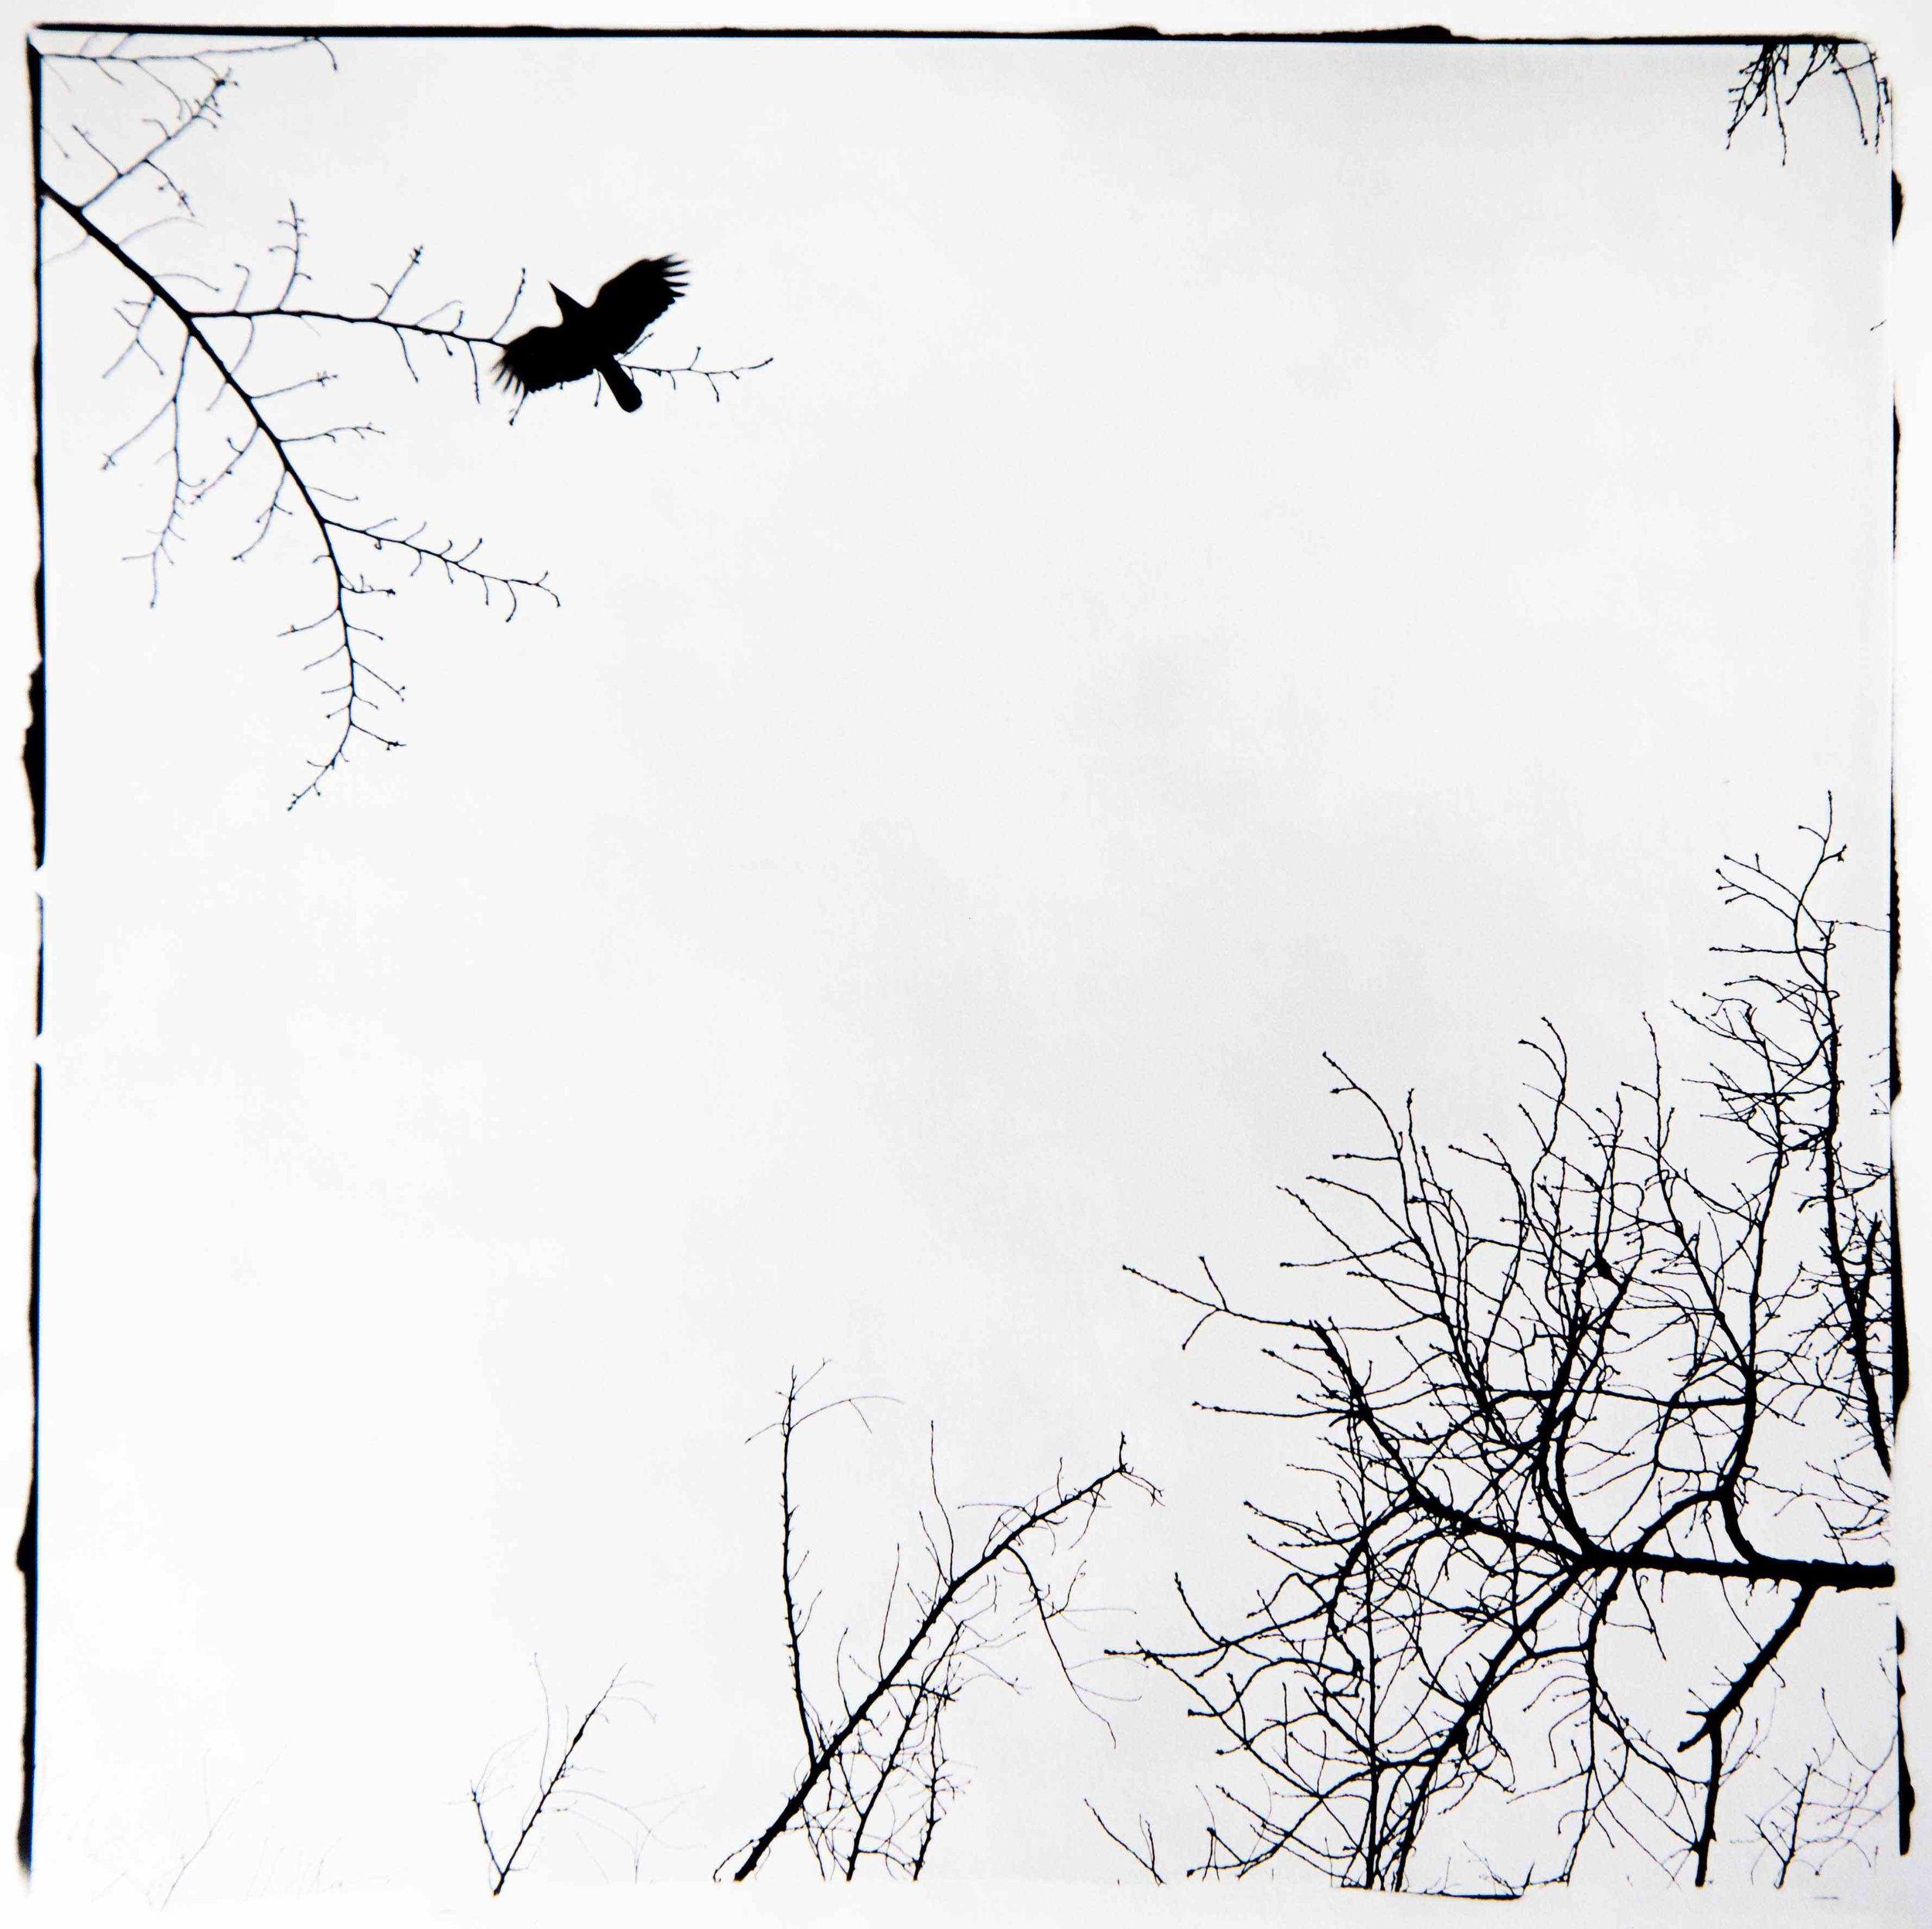 raven copy.jpg